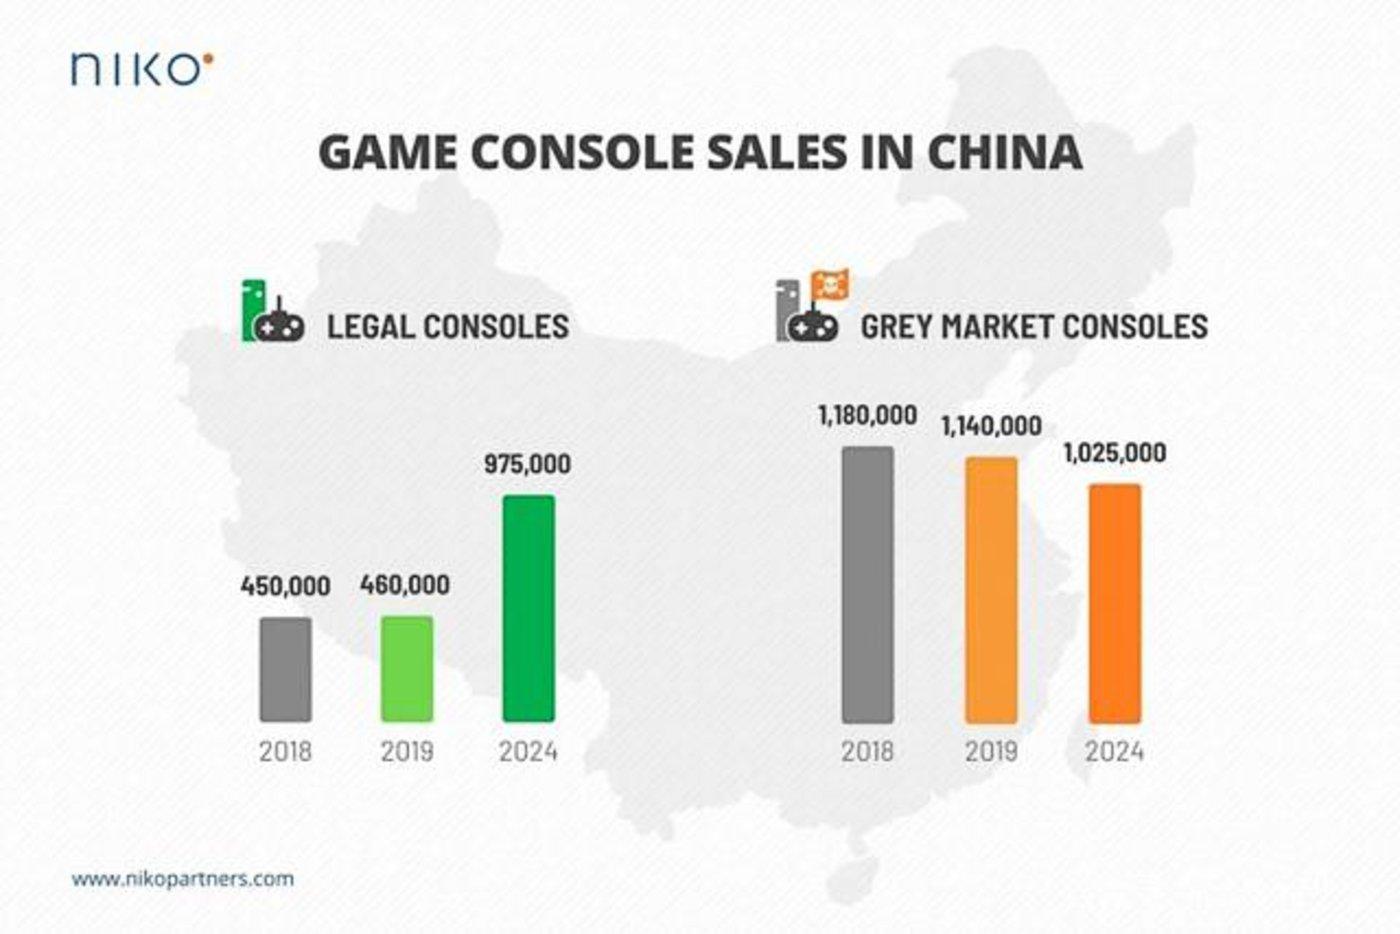 数据来源:Niko Partners